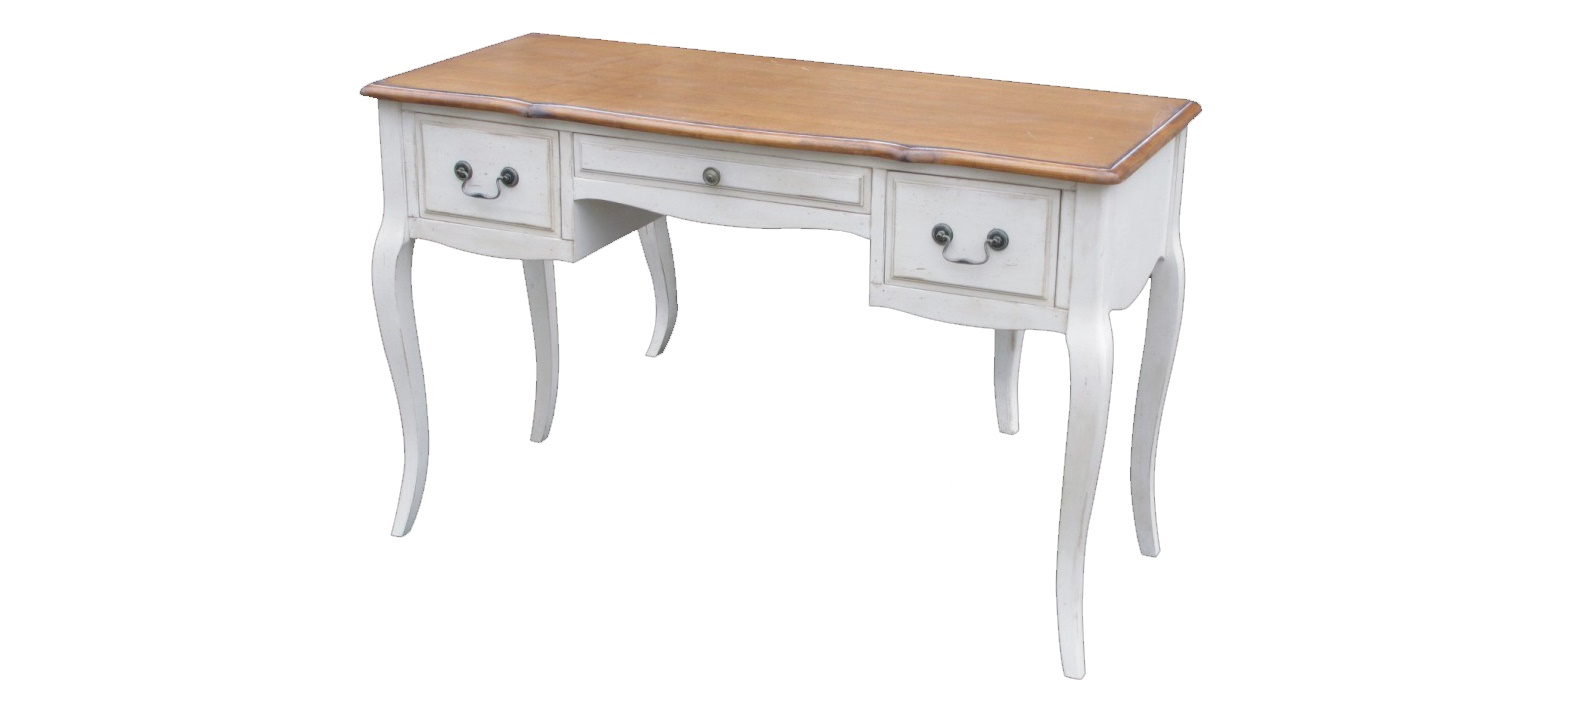 Письменный столПисьменные столы<br>Любая работа за этим письменным столом превратится в настоящее удовольствие. Плавные формы, в которых угадывается знакомый силуэт роскошной французской мебели, будут завораживать своей элегантностью. Гладя на изящные изгибы, вы сможете отвлечься от трудных задач и переключить внимание на что-то прекрасное. Быстрому повышению работоспособности во время пятиминутки отдыха также позволят естественные природные цвета, идеально дополняющие оформление в стиле прованс.<br><br>Material: Дерево<br>Length см: 120<br>Width см: 50<br>Height см: 76